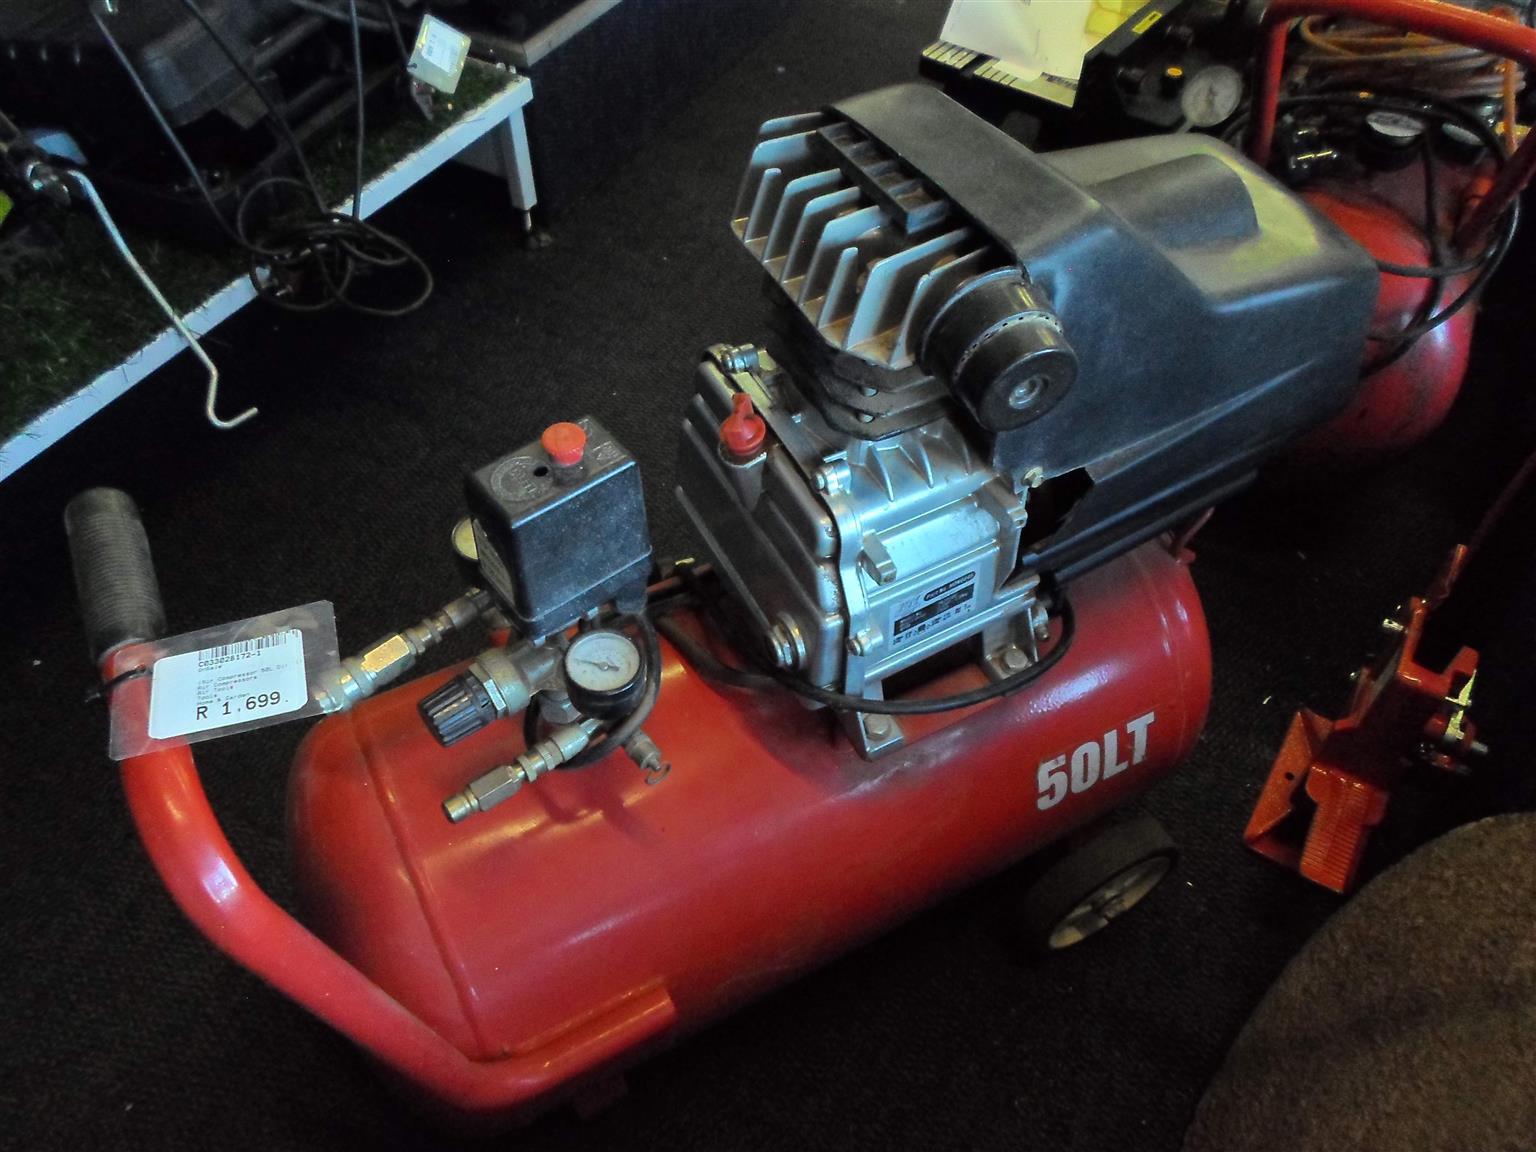 50lt. Joy Direct Drive Compressor